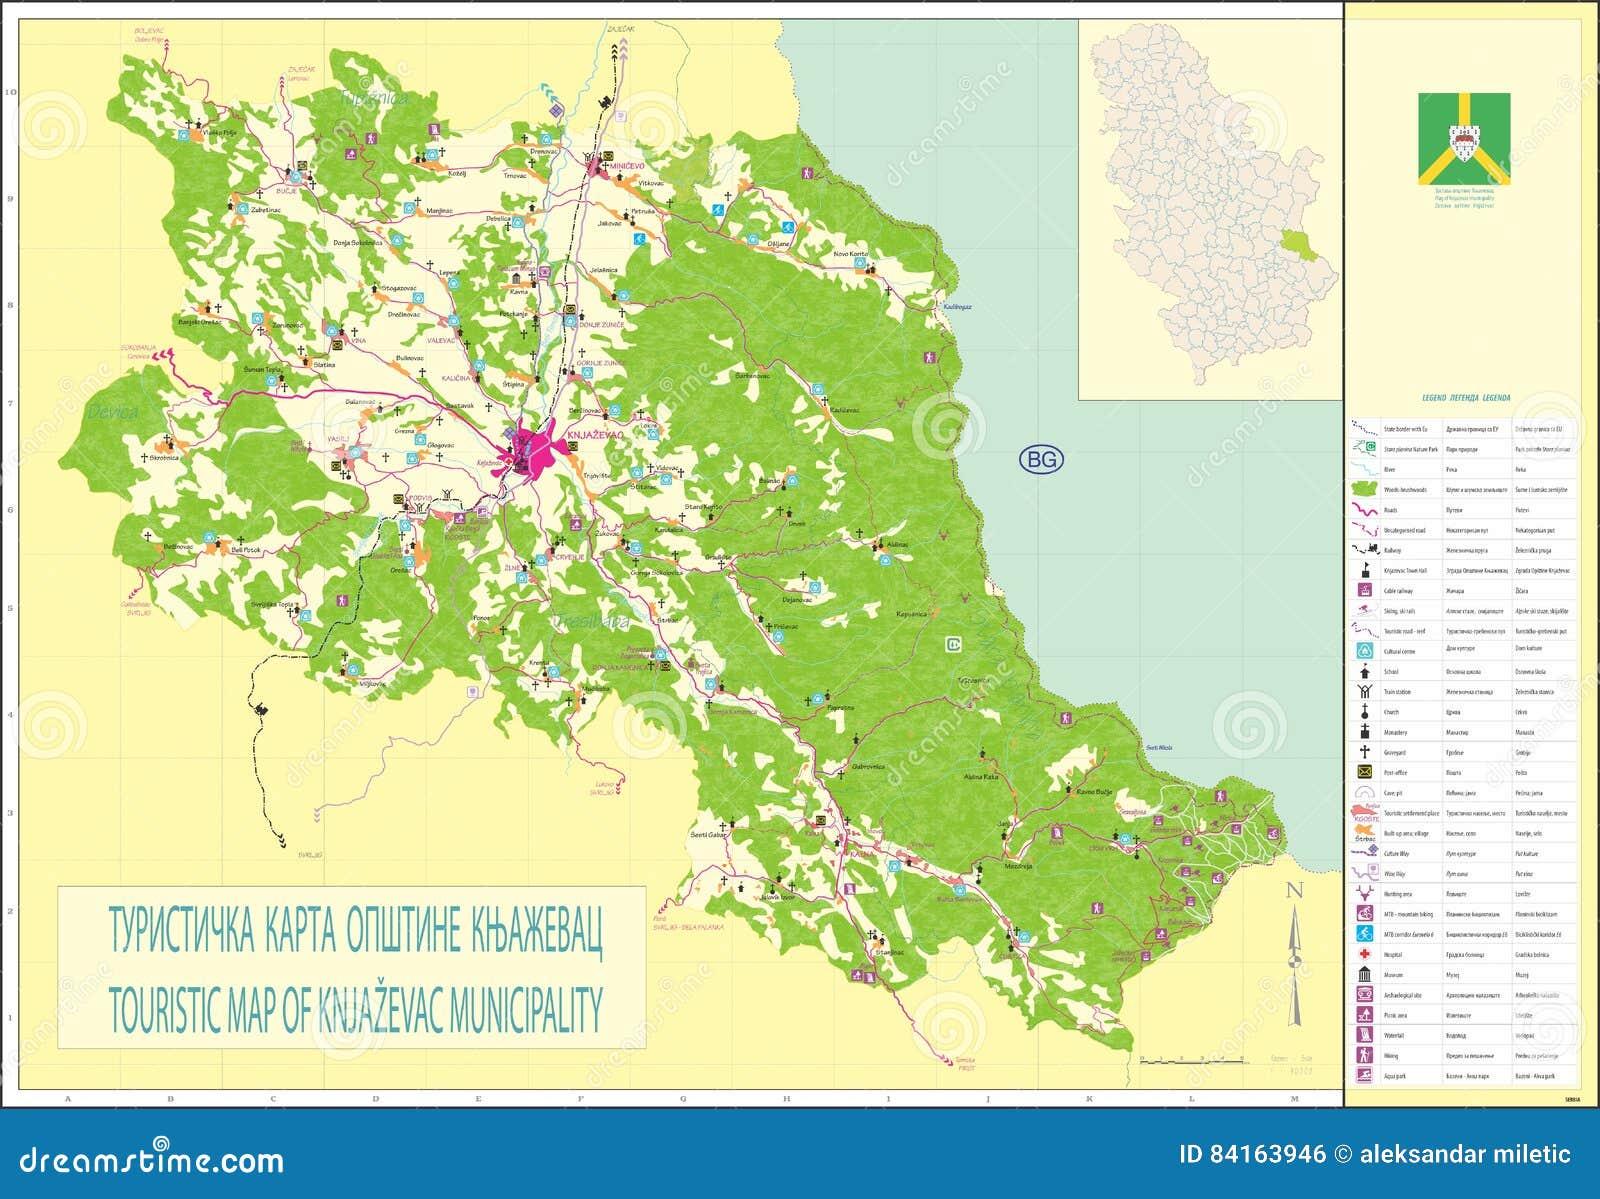 Mapa Turistico Del Municipio Del Knjazevac Foto Editorial